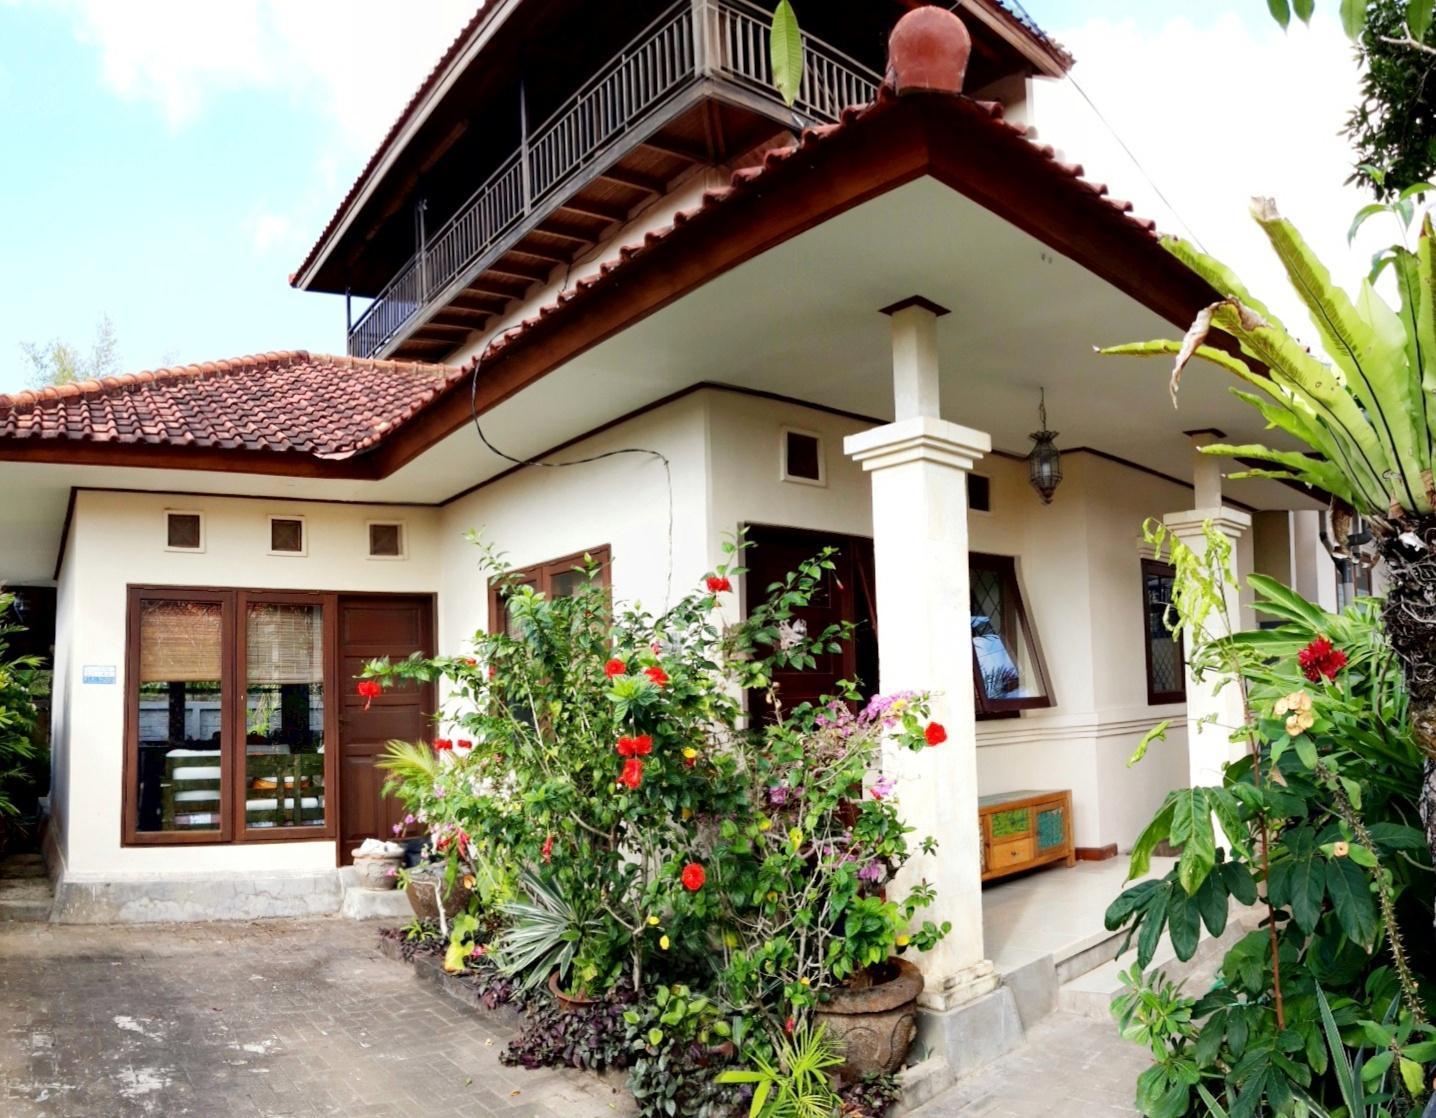 A Balinese home in Nusa Dua